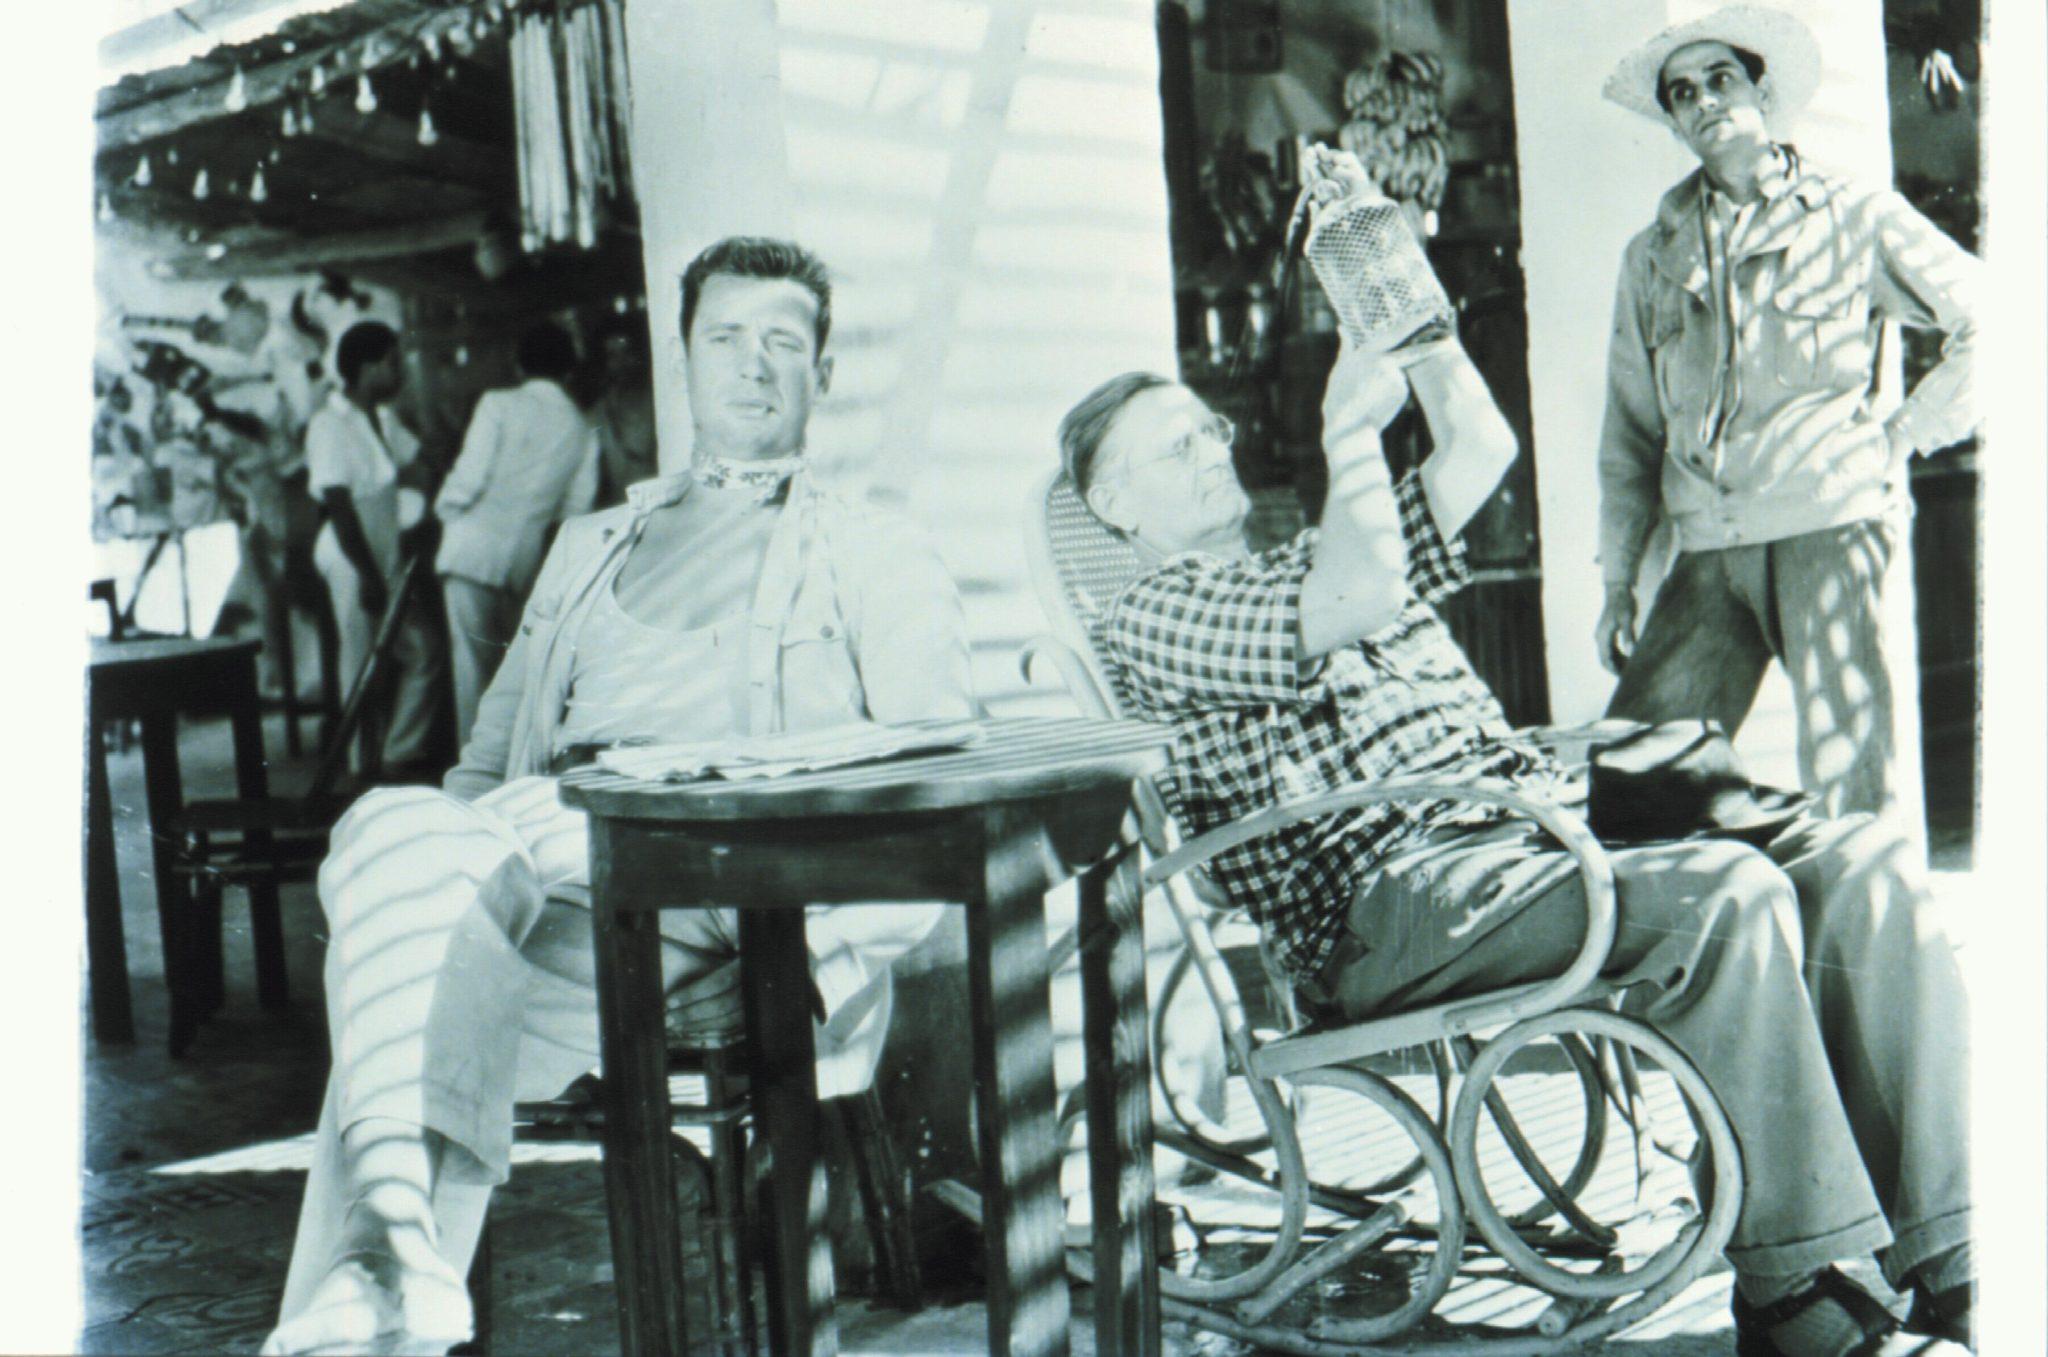 Yves Montand als Mario sitzt zusammen mit einem älteren Herren an einem Tisch in der Sonne in Lohn der Angst.